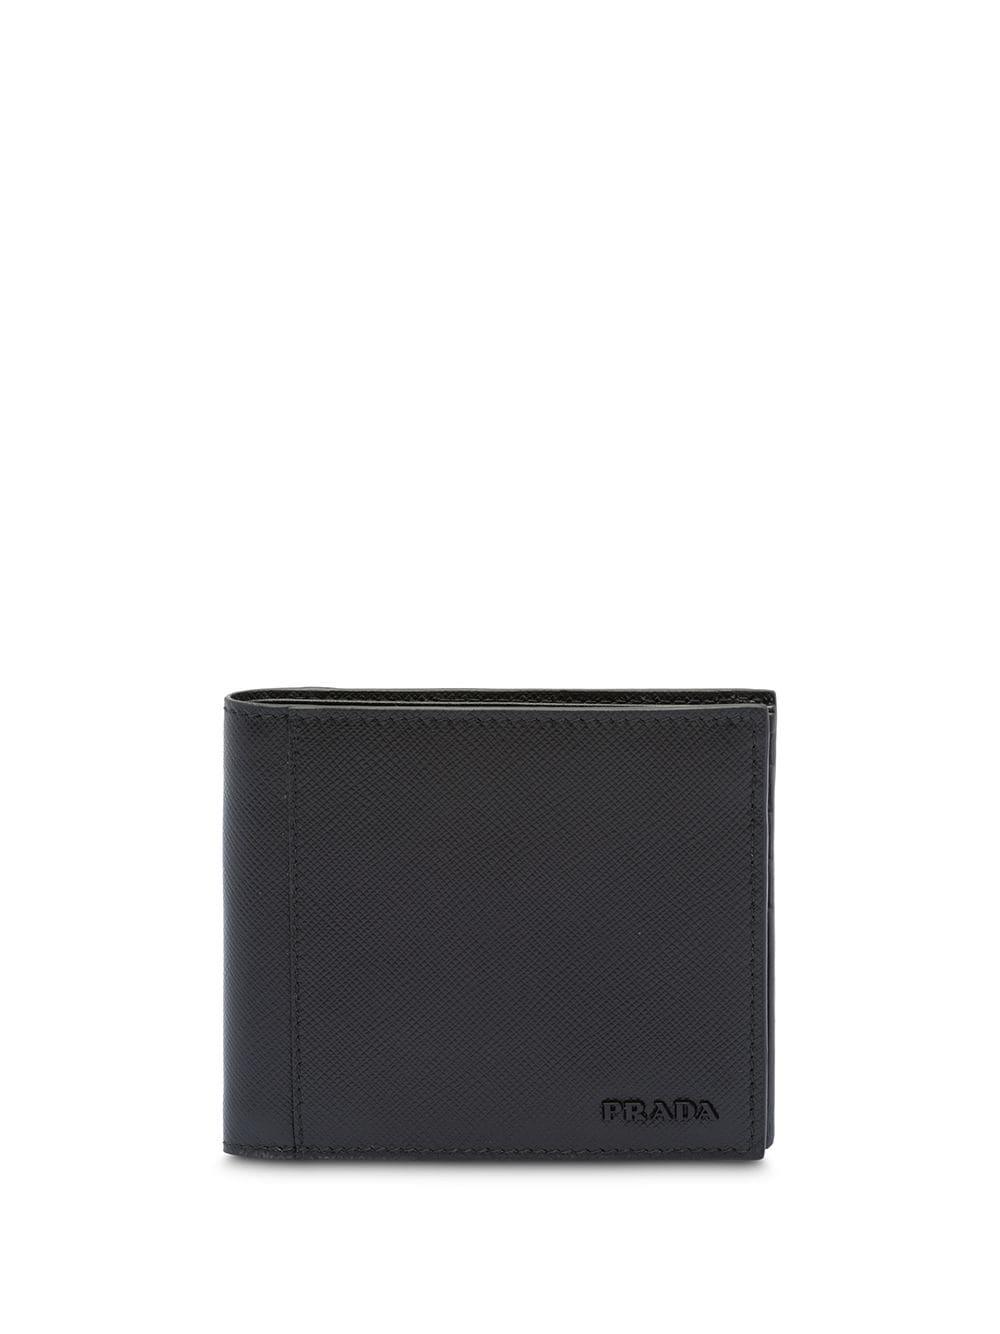 Семпъл класически портфейл PRADA, който идва в черен цвят и е изработен от естествена кожа. Разполага с много слотове за карти и е повече от подходящ подарък за любимия мъж. Цена: 782 лв.